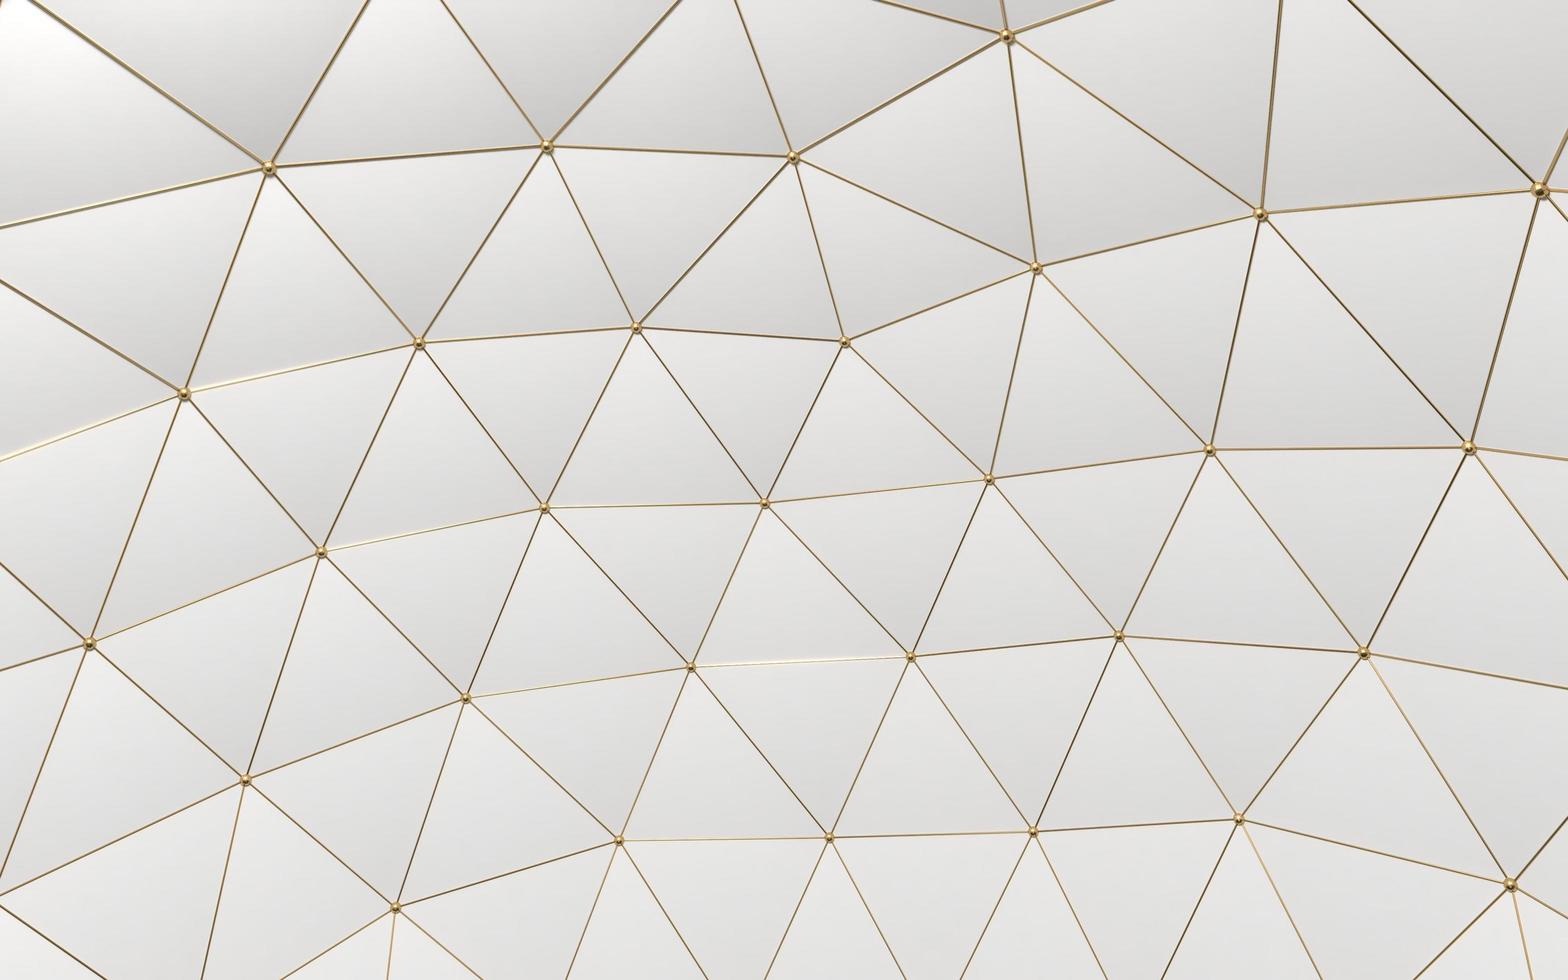 poligoni d'oro moderni astratti foto